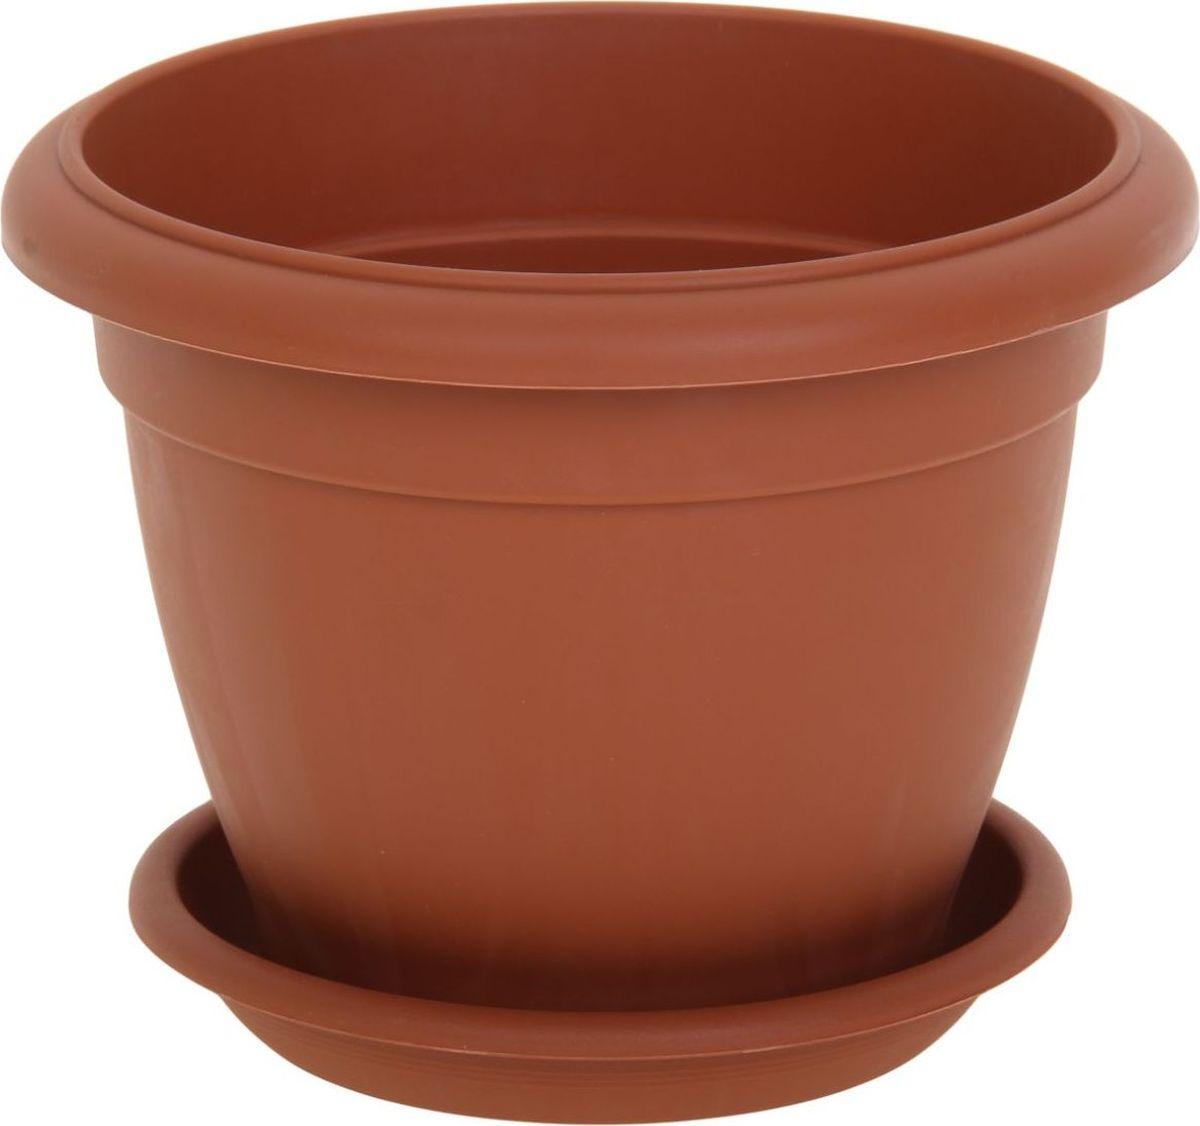 Горшок для цветов ТЕК.А.ТЕК Le Jardin, цвет: терракотовый, 6 лA6483LM-6WHЛюбой, даже самый современный и продуманный интерьер будет не завершённым без растений. Они не только очищают воздух и насыщают его кислородом, но и заметно украшают окружающее пространство. Такому полезному члену семьи просто необходимо красивое и функциональное кашпо, оригинальный горшок или необычная ваза! Мы предлагаем - Горшок для цветов Le Jardin, d=20 см, цвет терракот! Оптимальный выбор материала пластмасса! Почему мы так считаем? Малый вес. С лёгкостью переносите горшки и кашпо с места на место, ставьте их на столики или полки, подвешивайте под потолок, не беспокоясь о нагрузке. Простота ухода. Пластиковые изделия не нуждаются в специальных условиях хранения. Их легко чистить достаточно просто сполоснуть тёплой водой. Никаких царапин. Пластиковые кашпо не царапают и не загрязняют поверхности, на которых стоят. Пластик дольше хранит влагу, а значит растение реже нуждается в поливе. Пластмасса не пропускает воздух корневой системе растения не грозят резкие перепады температур. Огромный выбор форм, декора и расцветок вы без труда подберёте что-то, что идеально впишется в уже существующий интерьер. Соблюдая нехитрые правила ухода, вы можете заметно продлить срок службы горшков, вазонов и кашпо из пластика: всегда учитывайте размер кроны и корневой системы растения (при разрастании большое растение способно повредить маленький горшок)берегите изделие от воздействия прямых солнечных лучей, чтобы кашпо и горшки не выцветалидержите кашпо и горшки из пластика подальше от нагревающихся поверхностей. Создавайте прекрасные цветочные композиции, выращивайте рассаду или необычные растения, а низкие цены позволят вам не ограничивать себя в выборе.